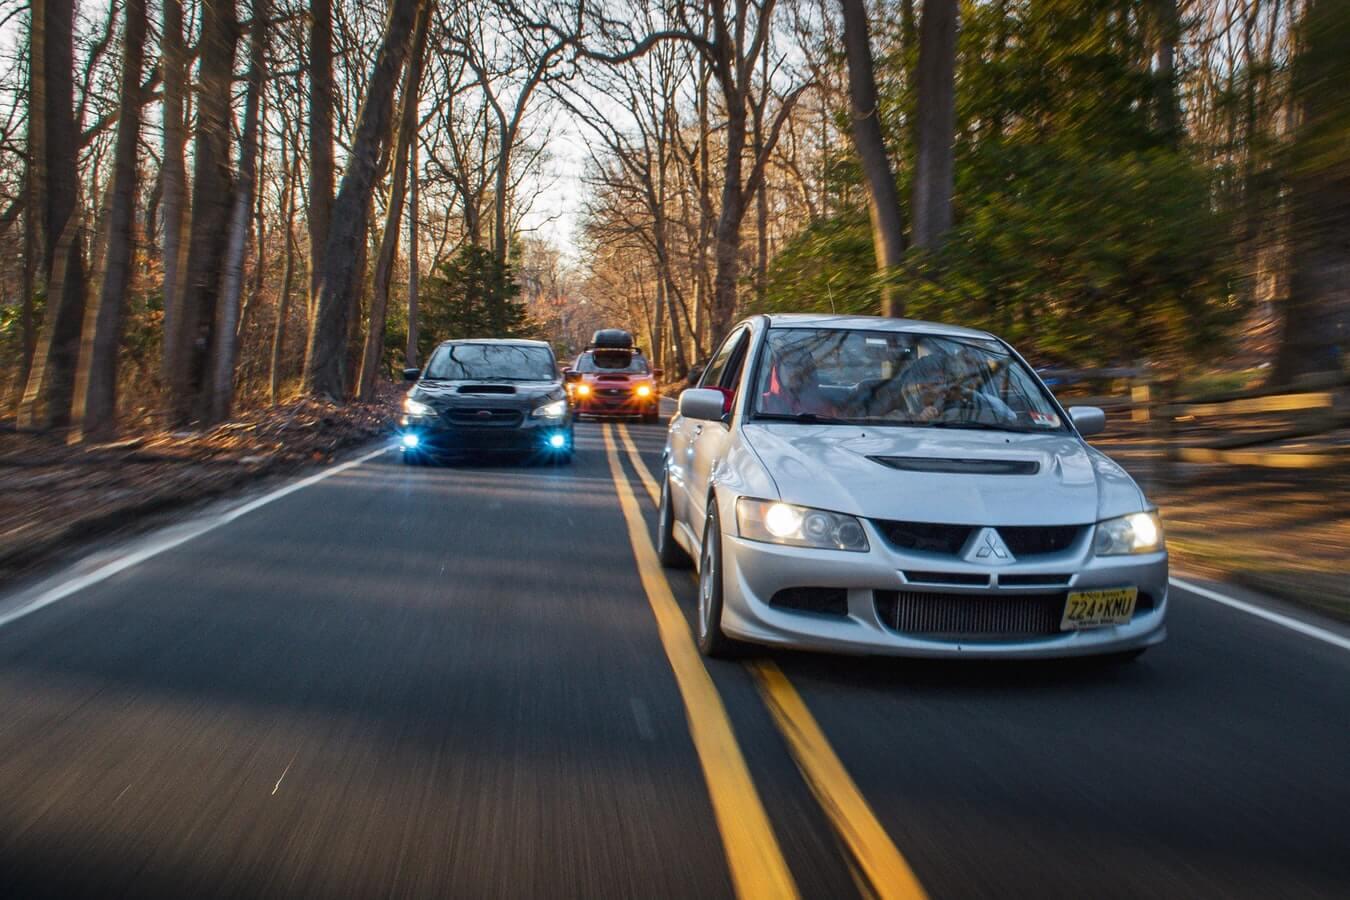 Carros esportivos andando em estrada